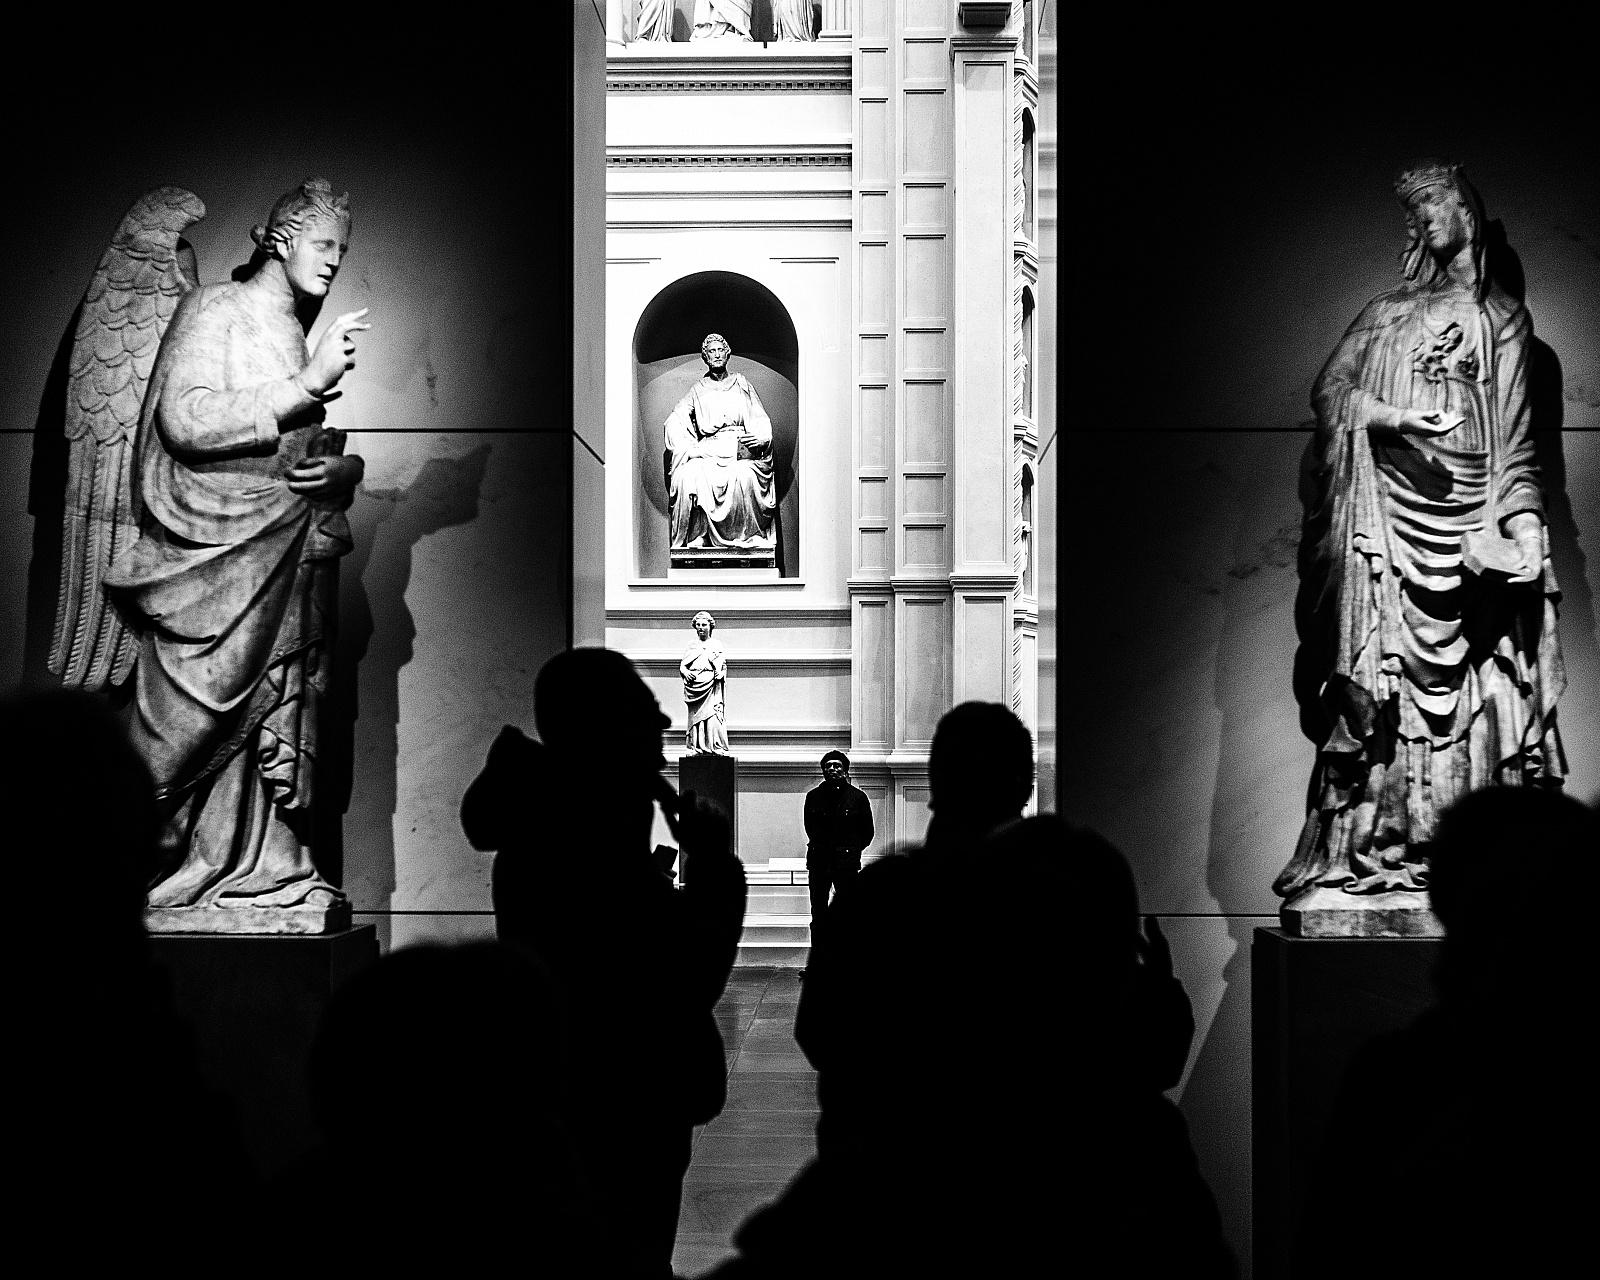 MUSEO DELL'OPERA DI FIRENZE